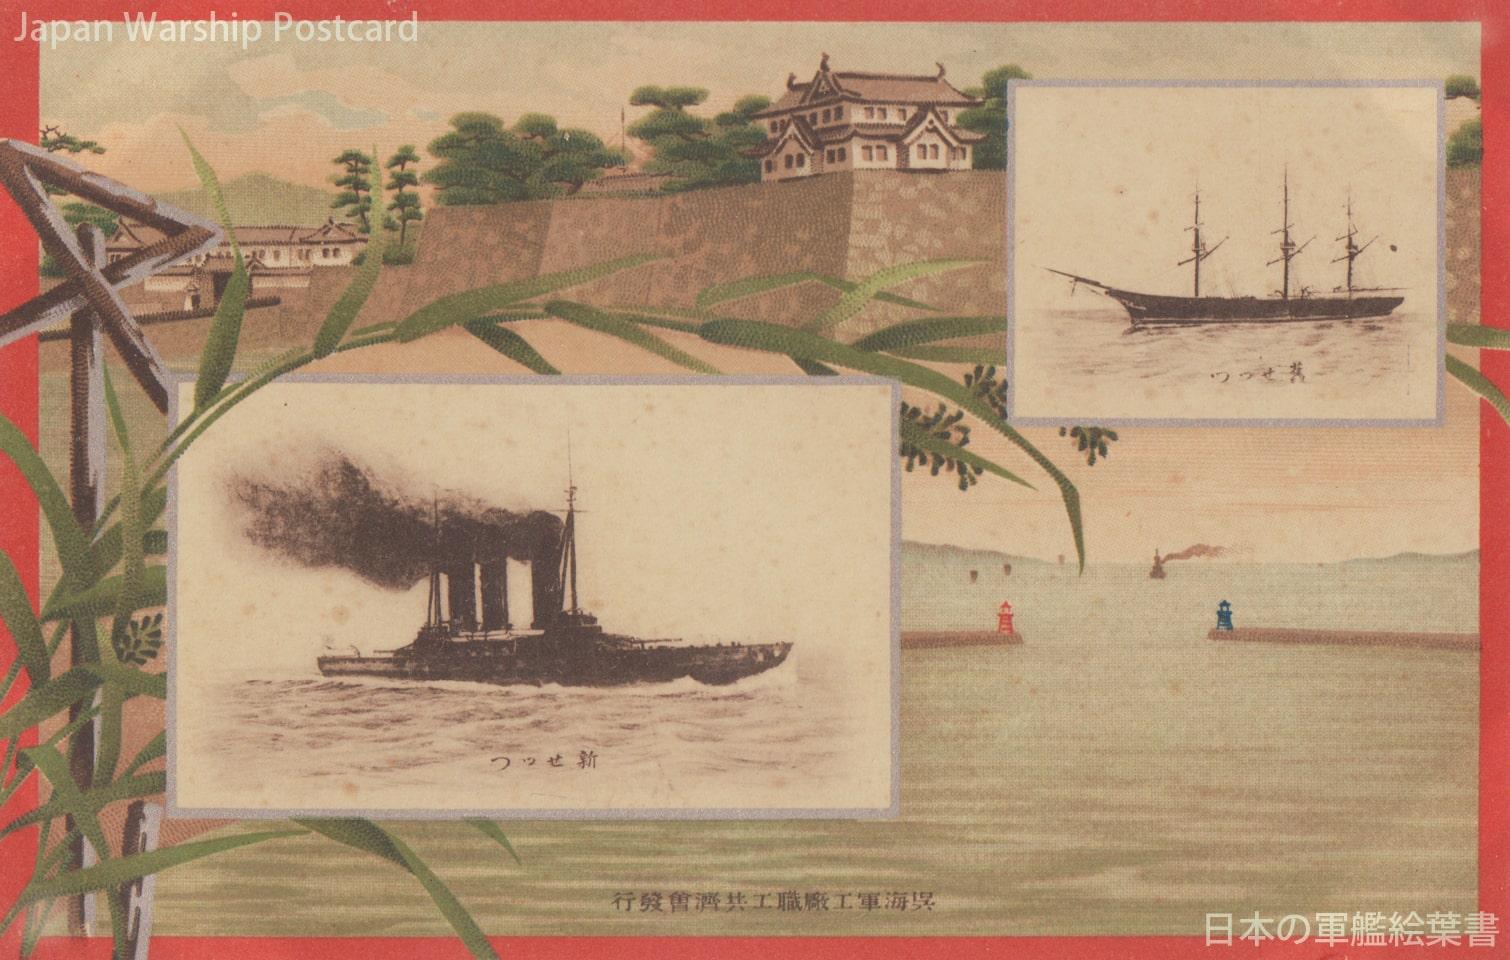 軍艦摂津進水記念